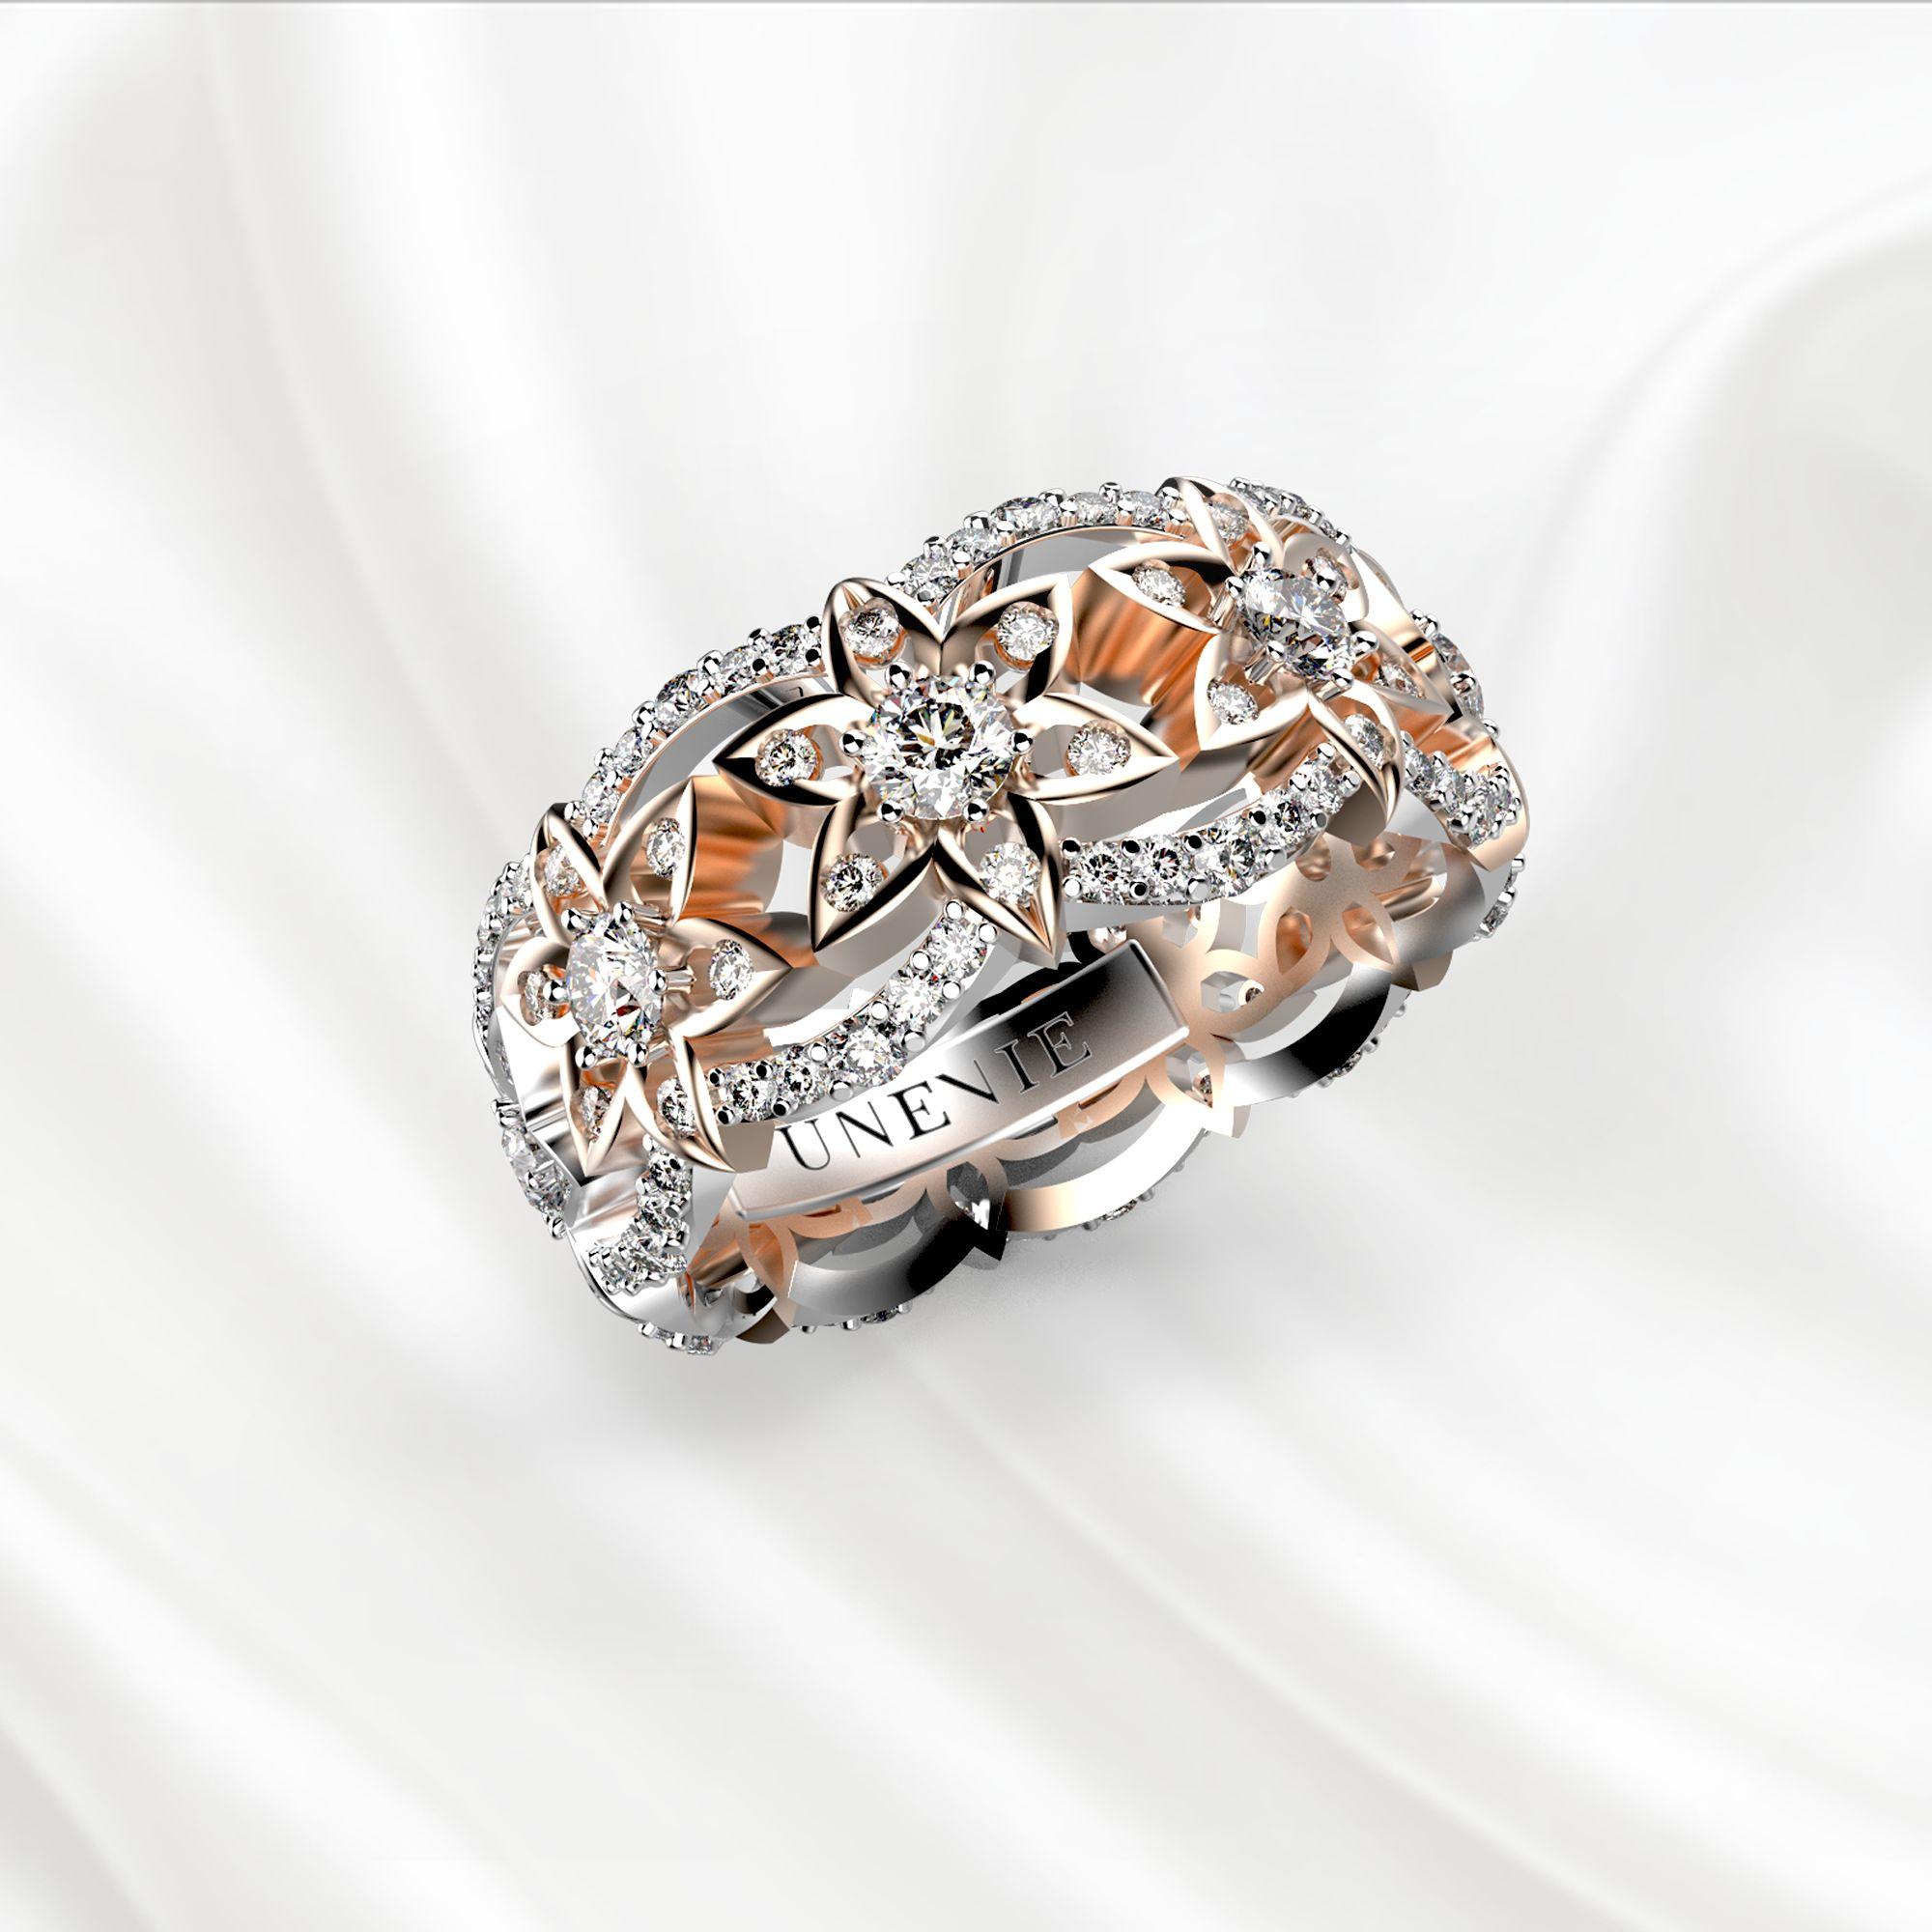 E11 Обручальное кольцо из бело-розового золота с 153 бриллиантами